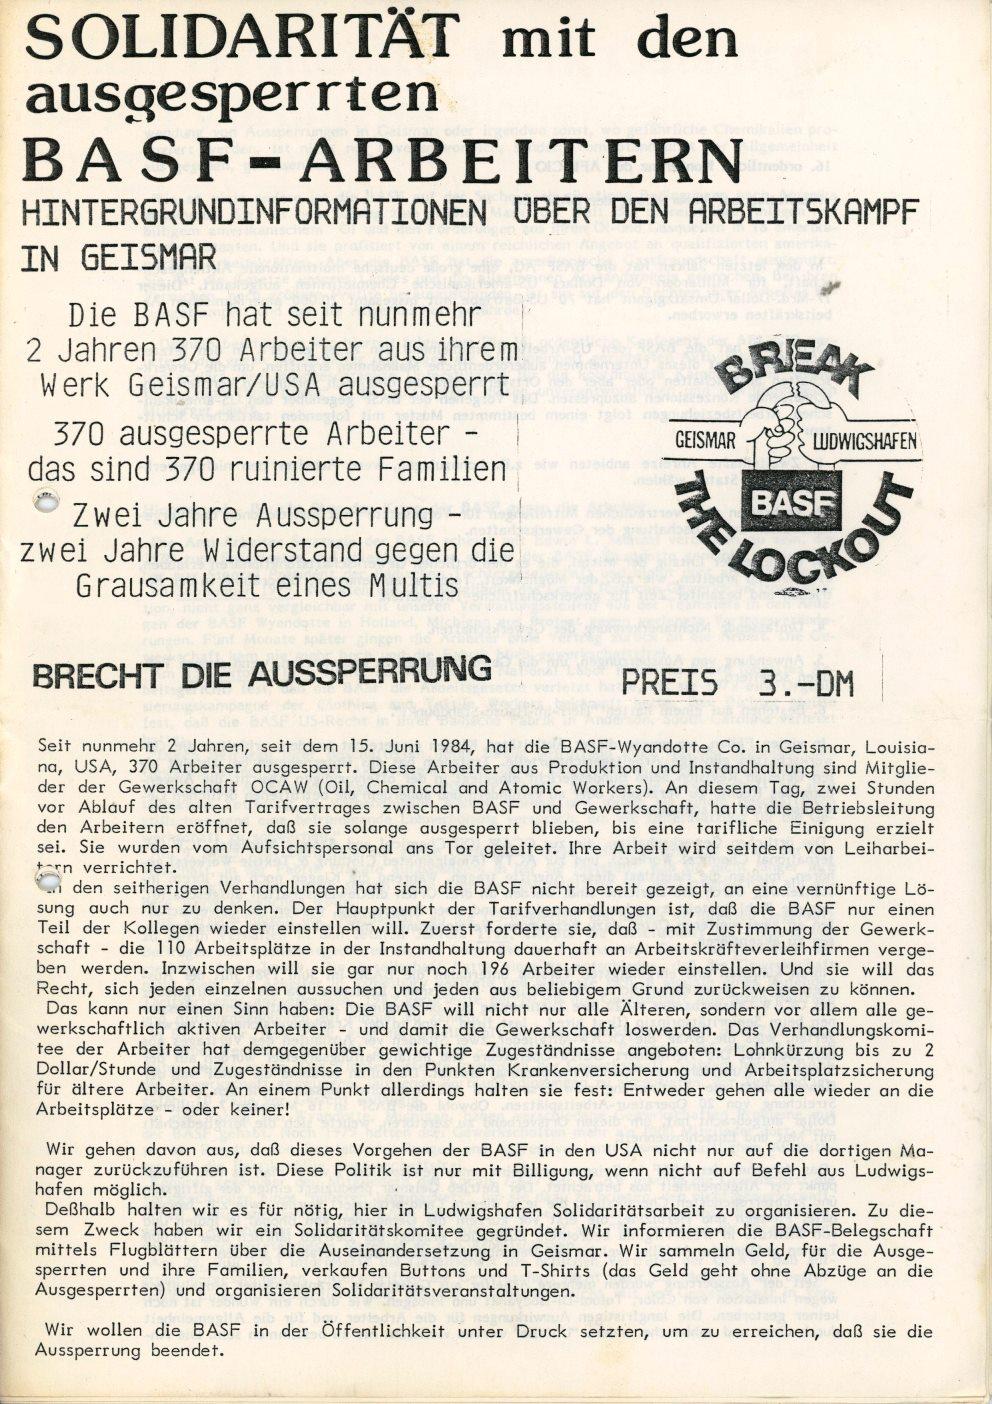 USA_BASF_Aussperrung_in_Geismar_1986_2_01